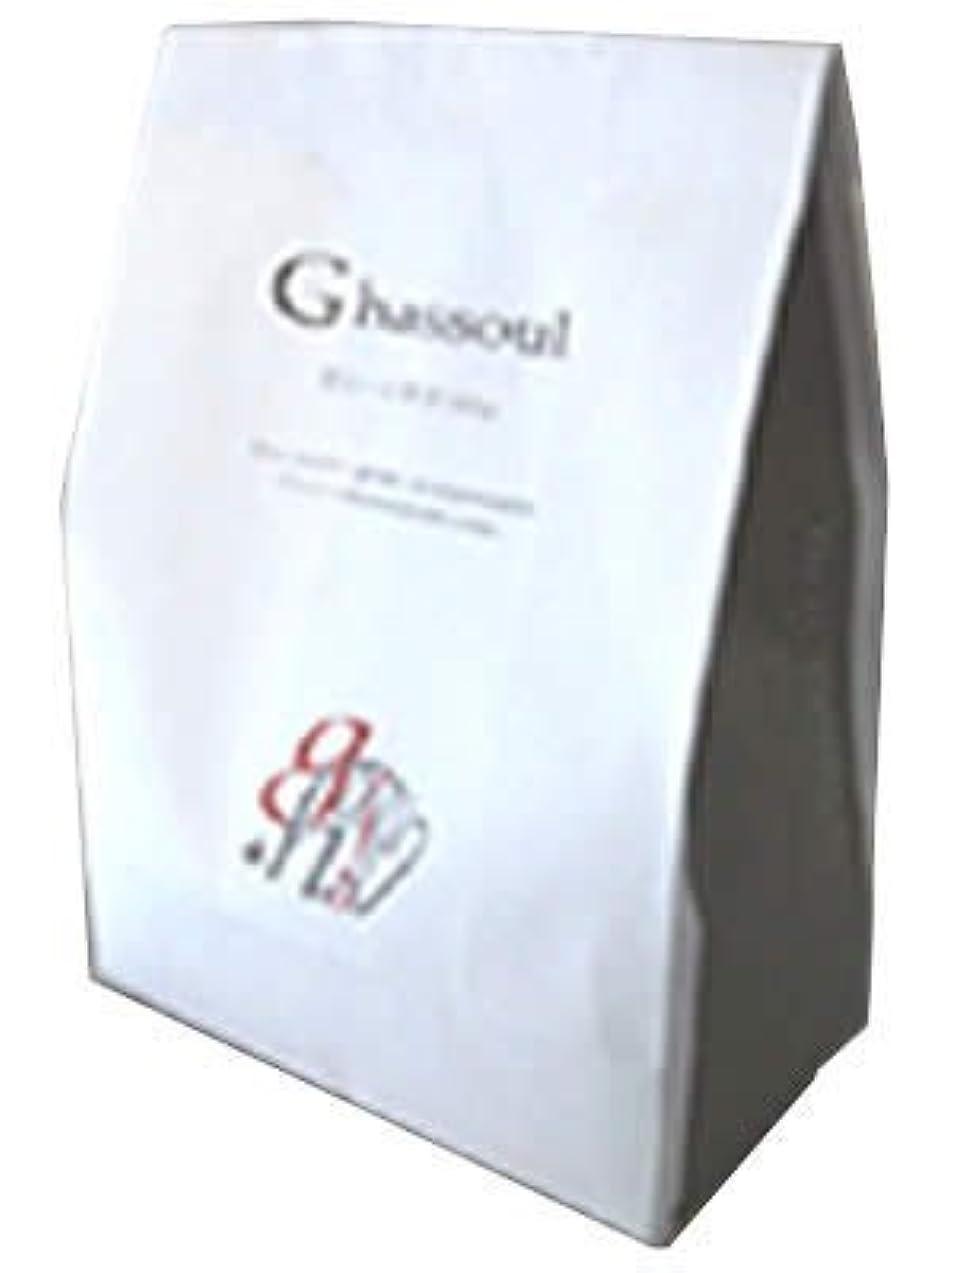 ふけるクリープ期限ナイアード ガスール固形(タブレット)タイプ 500g